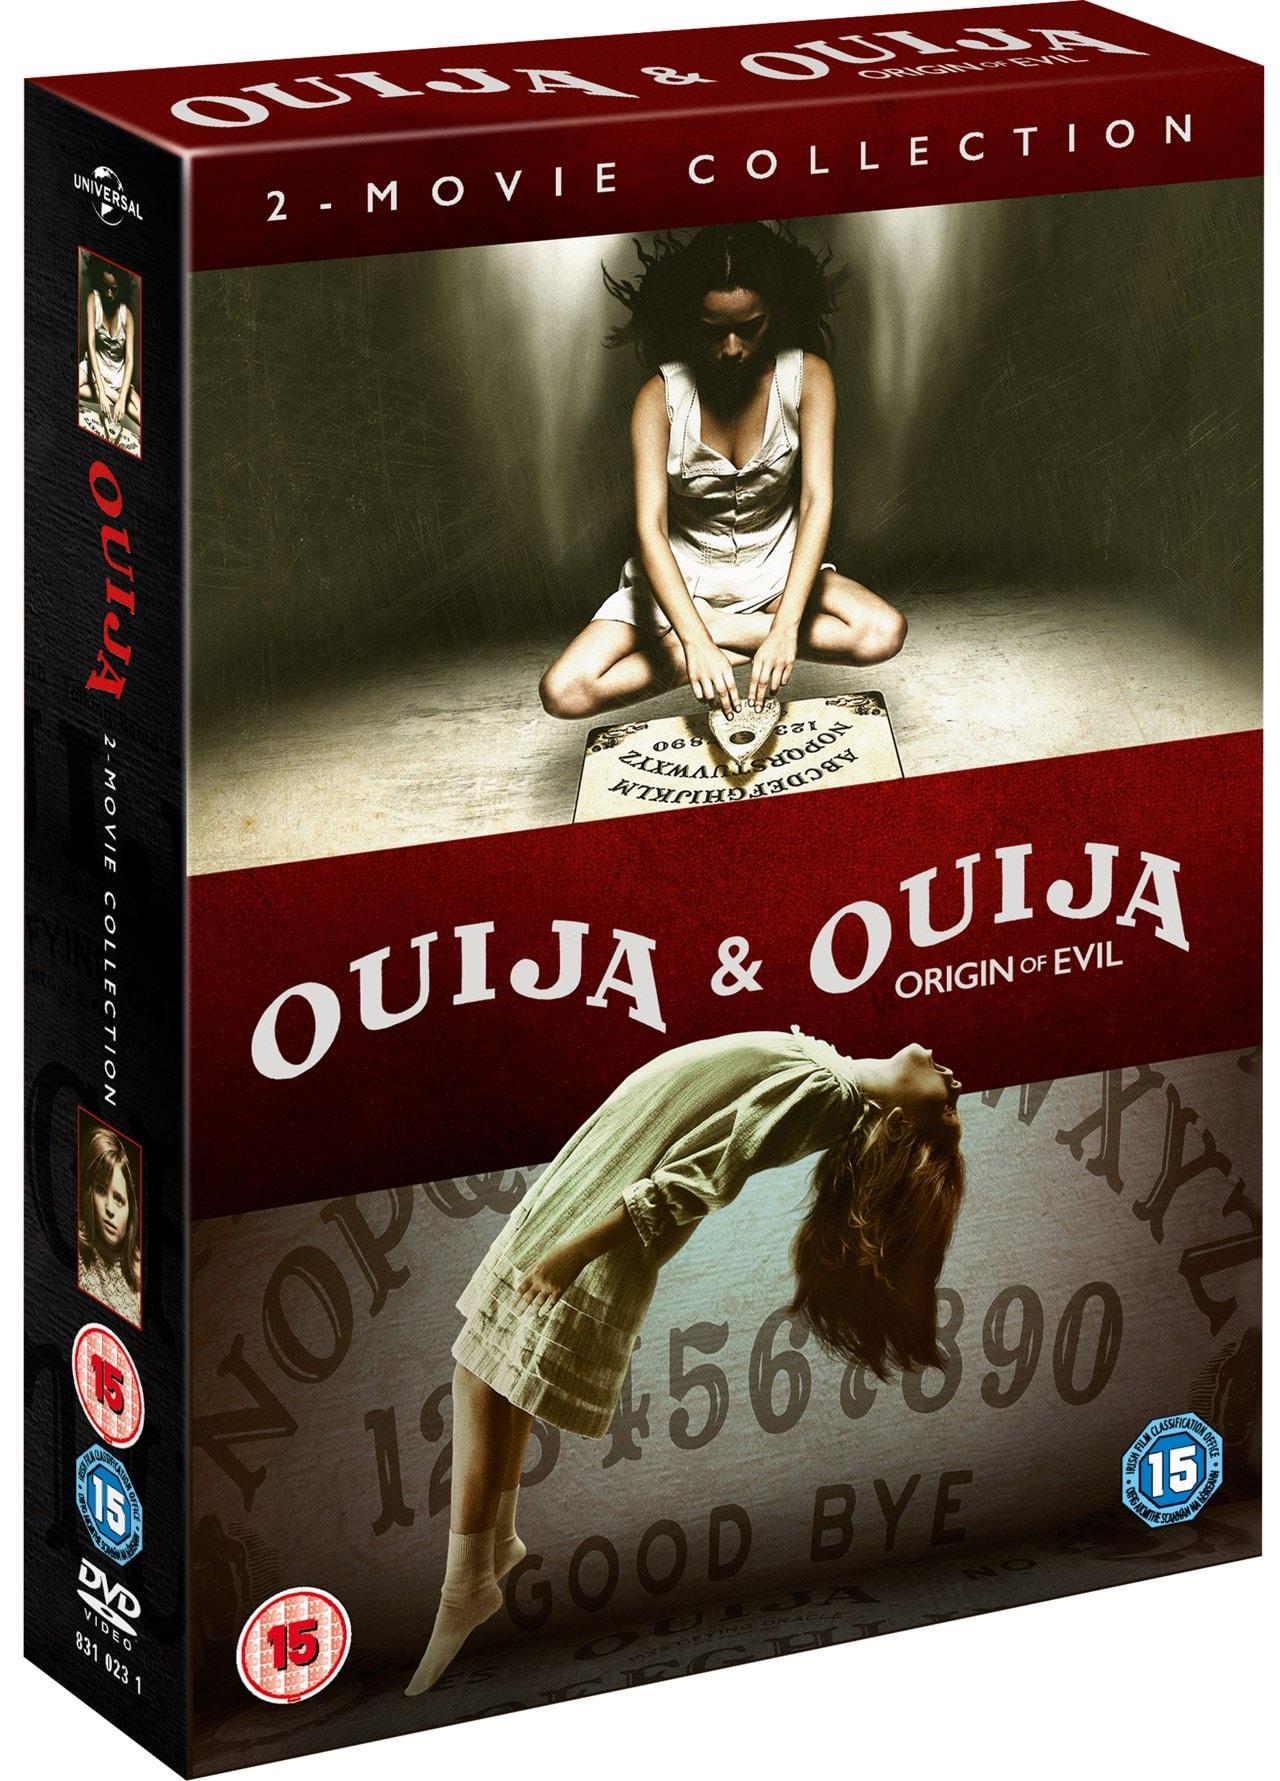 Ouija & Ouija: Origin of Evil - 2